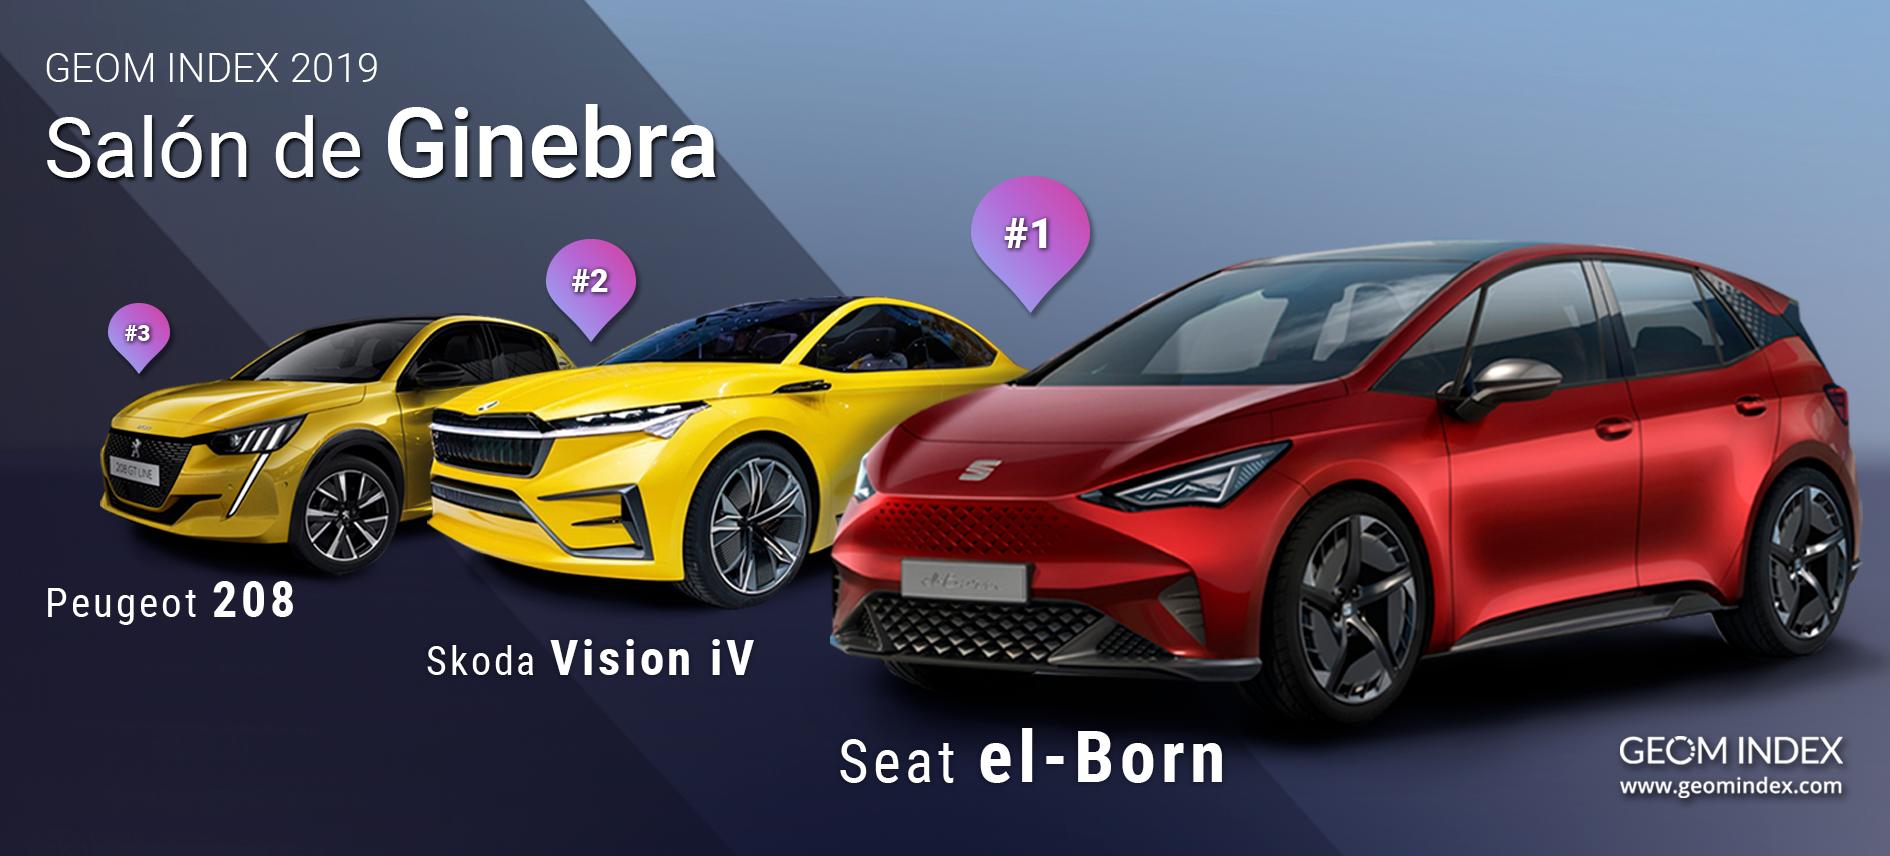 Seat el-Born, el Skoda Vision iV y el Peugeot 208, las estrellas en la red del Salón de Ginebra